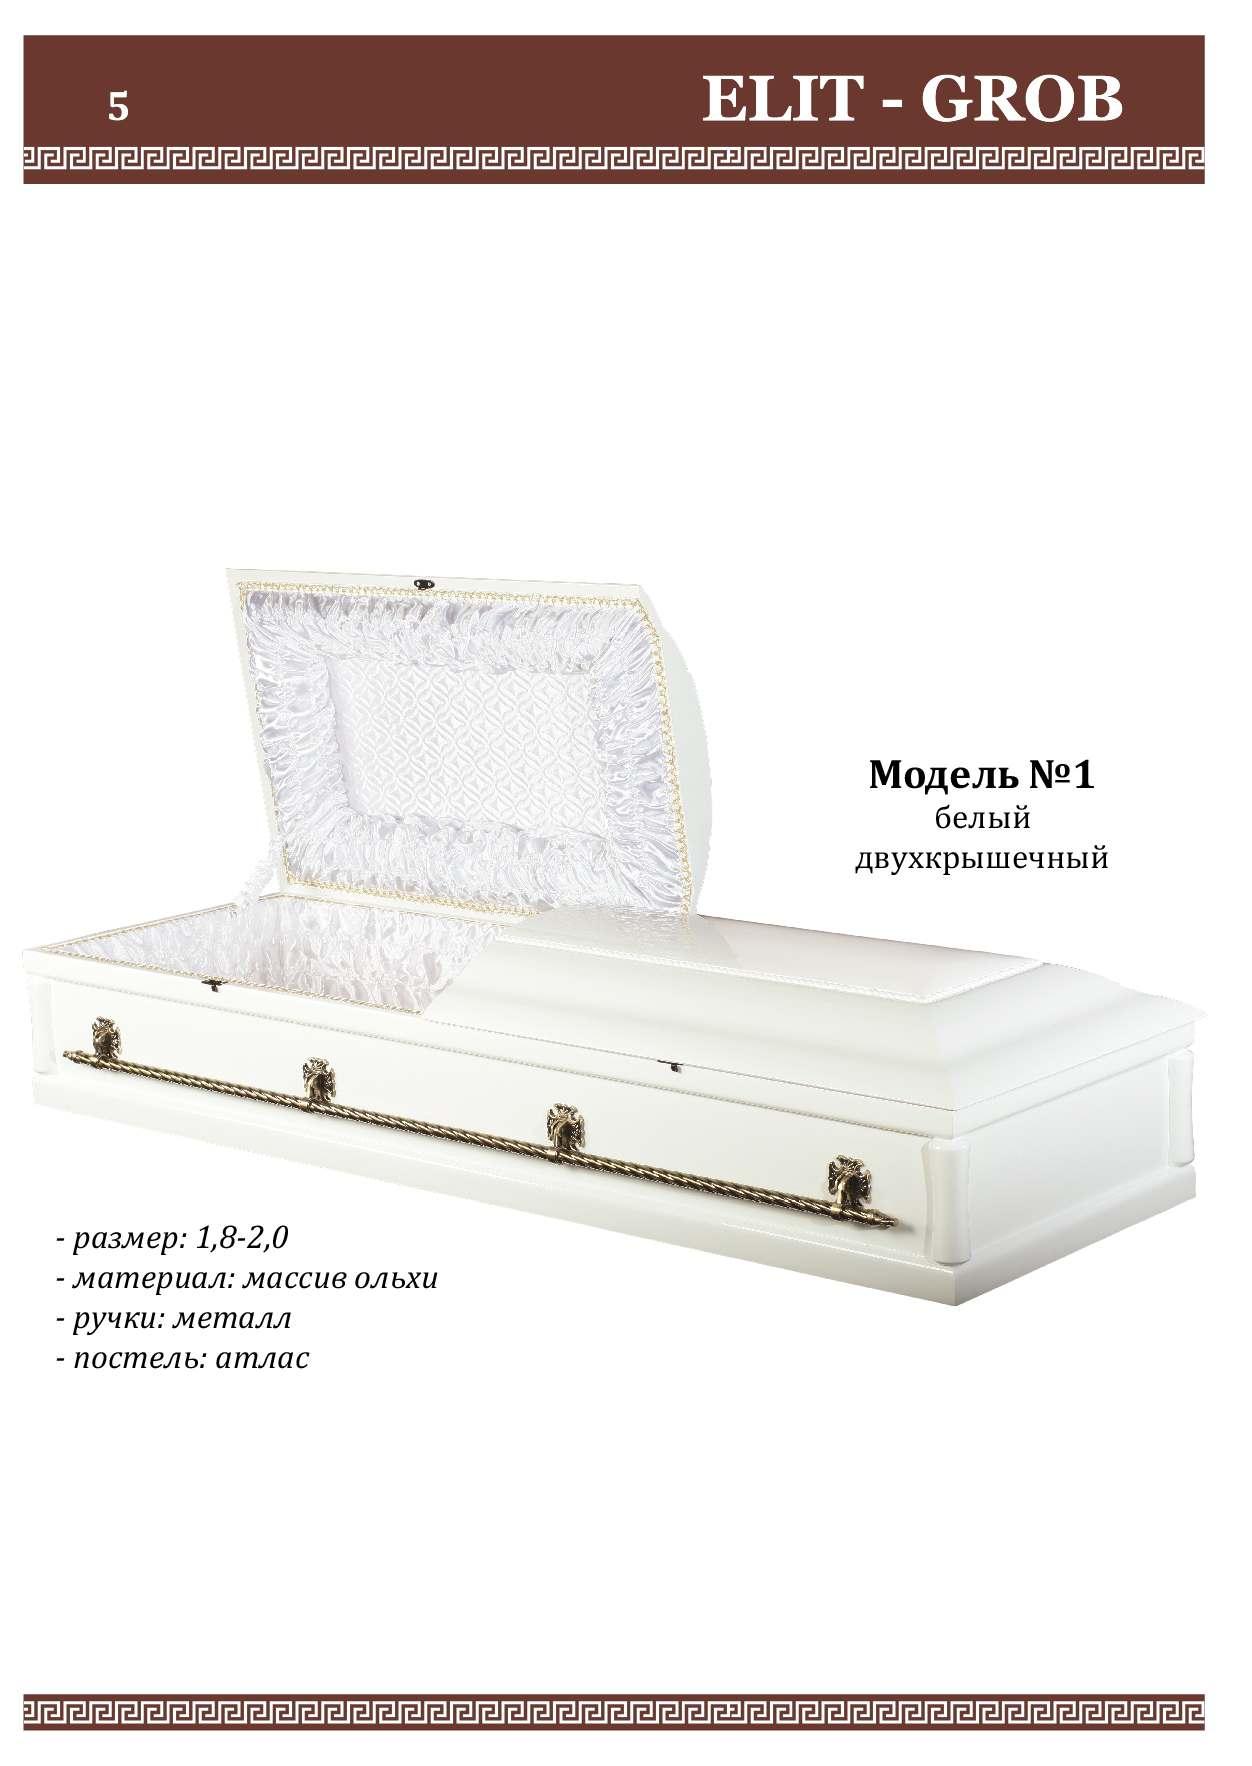 Элит-гроб, компания